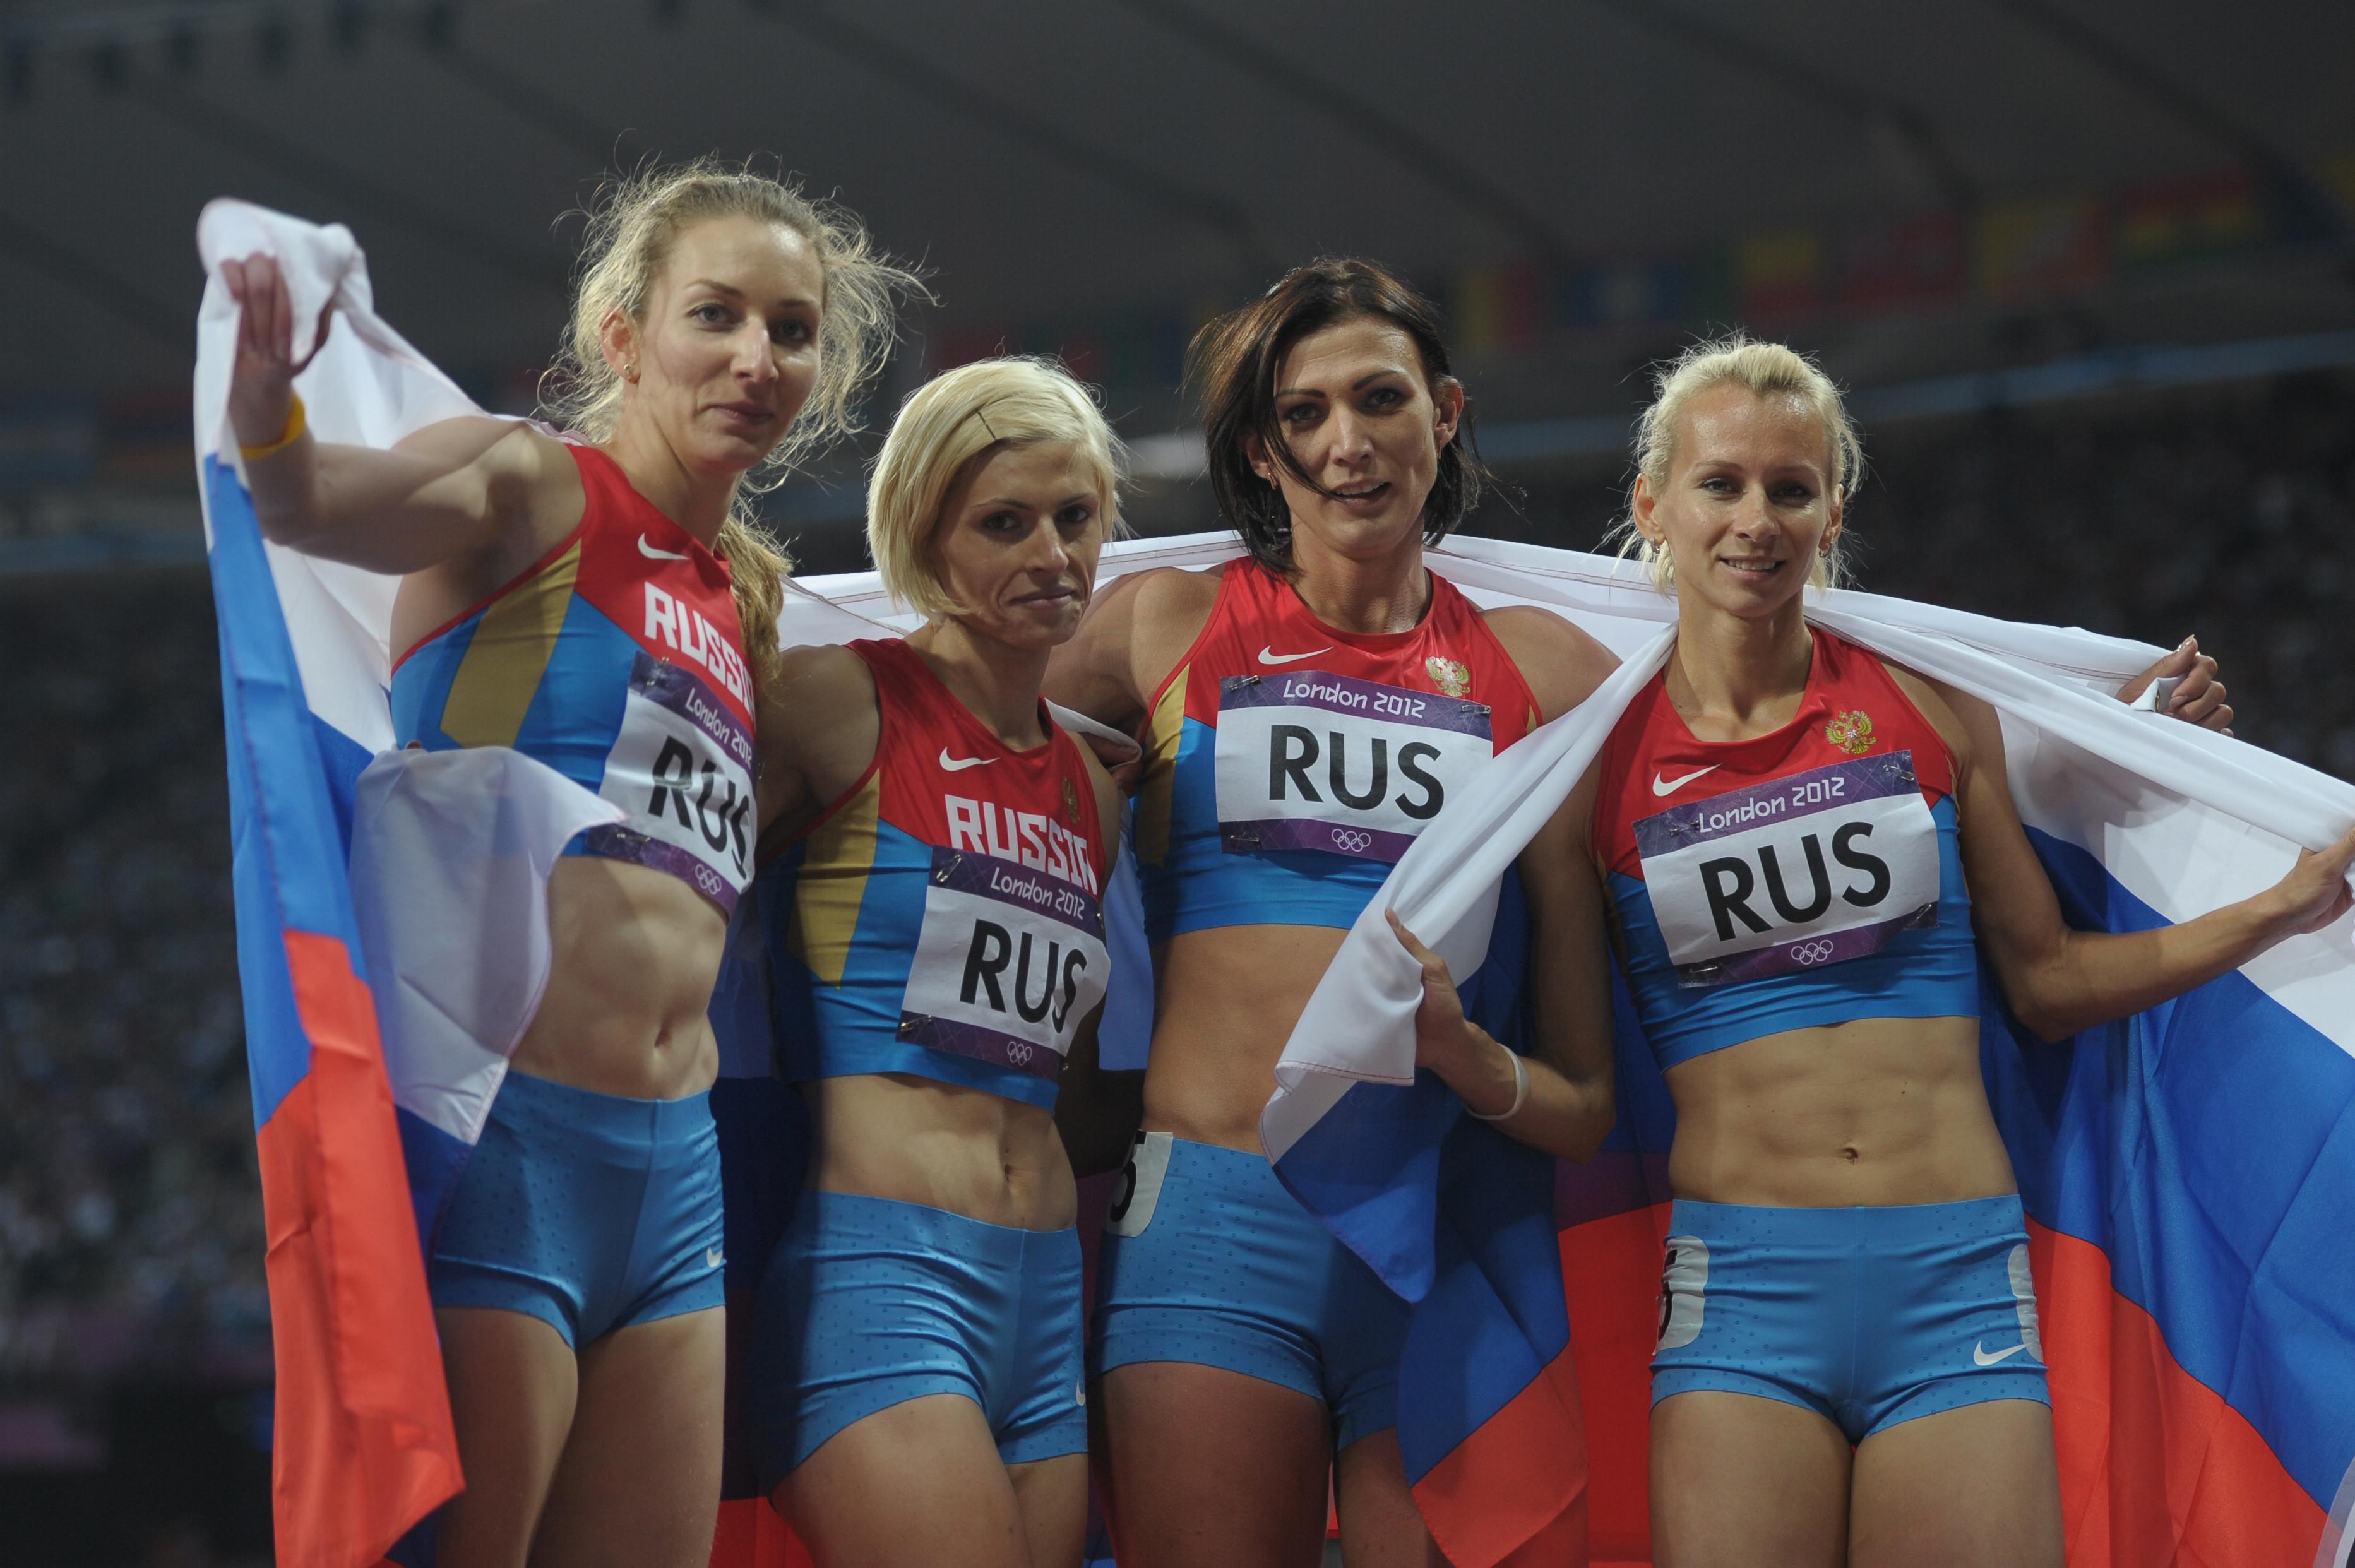 заказать фото спортсменки олимпийских игр бег наверняка разобрались, как